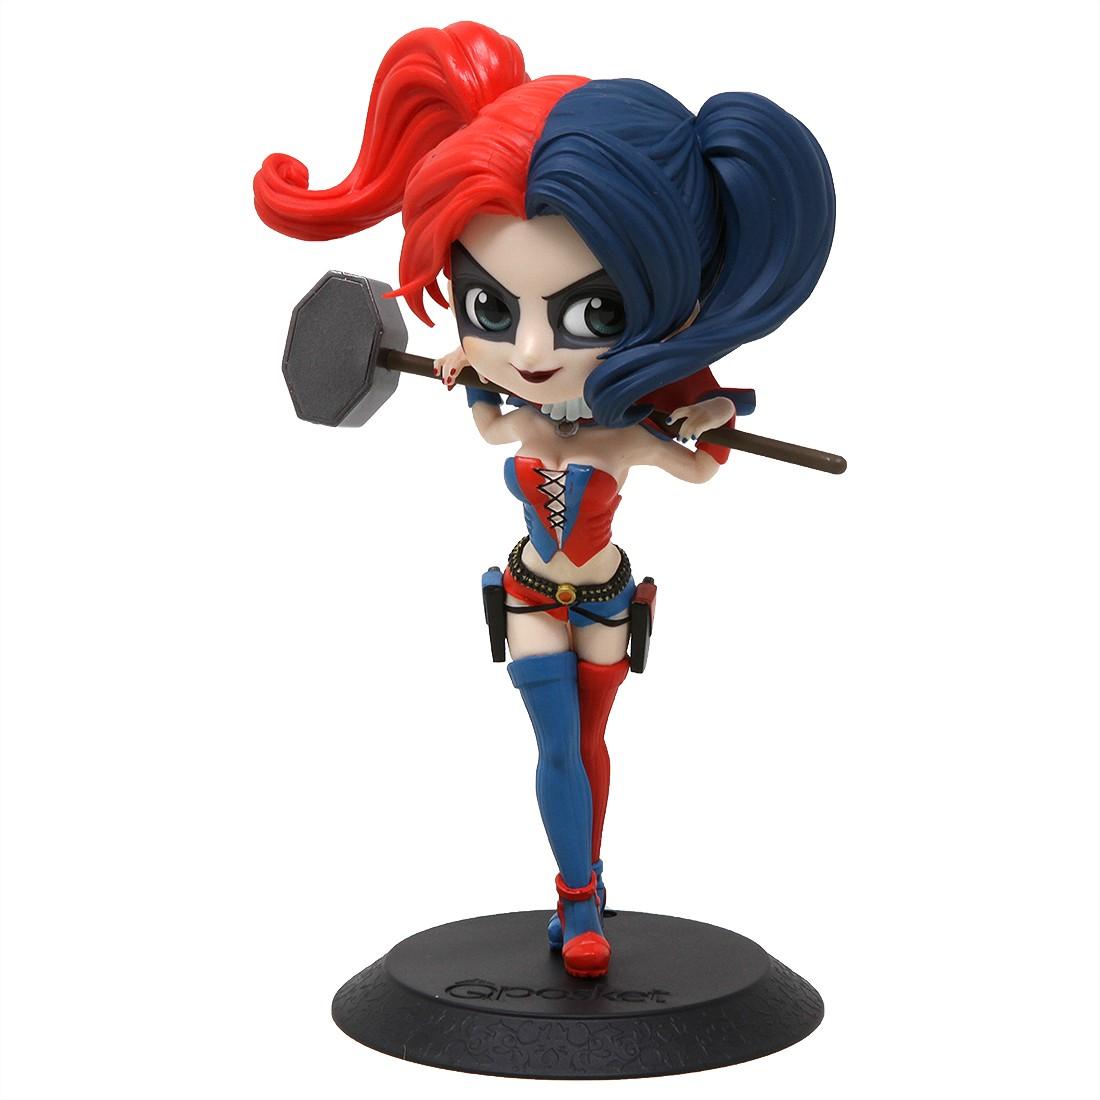 Banpresto Q Posket DC Comics Harley Quinn Figure Ver B